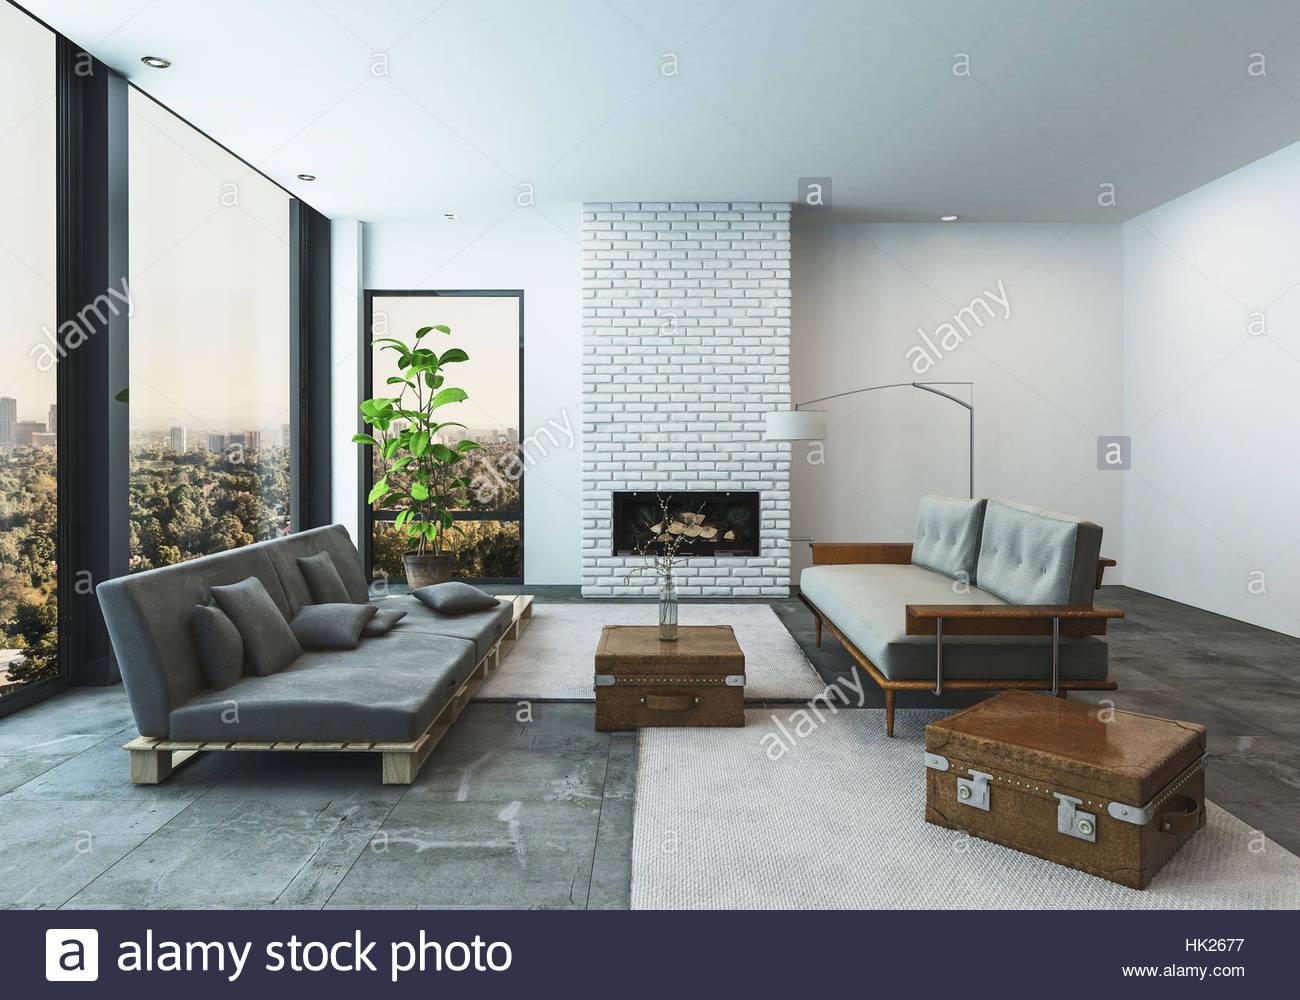 Moderne Wohnzimmer Moderne Wohnzimmer Winterlich With